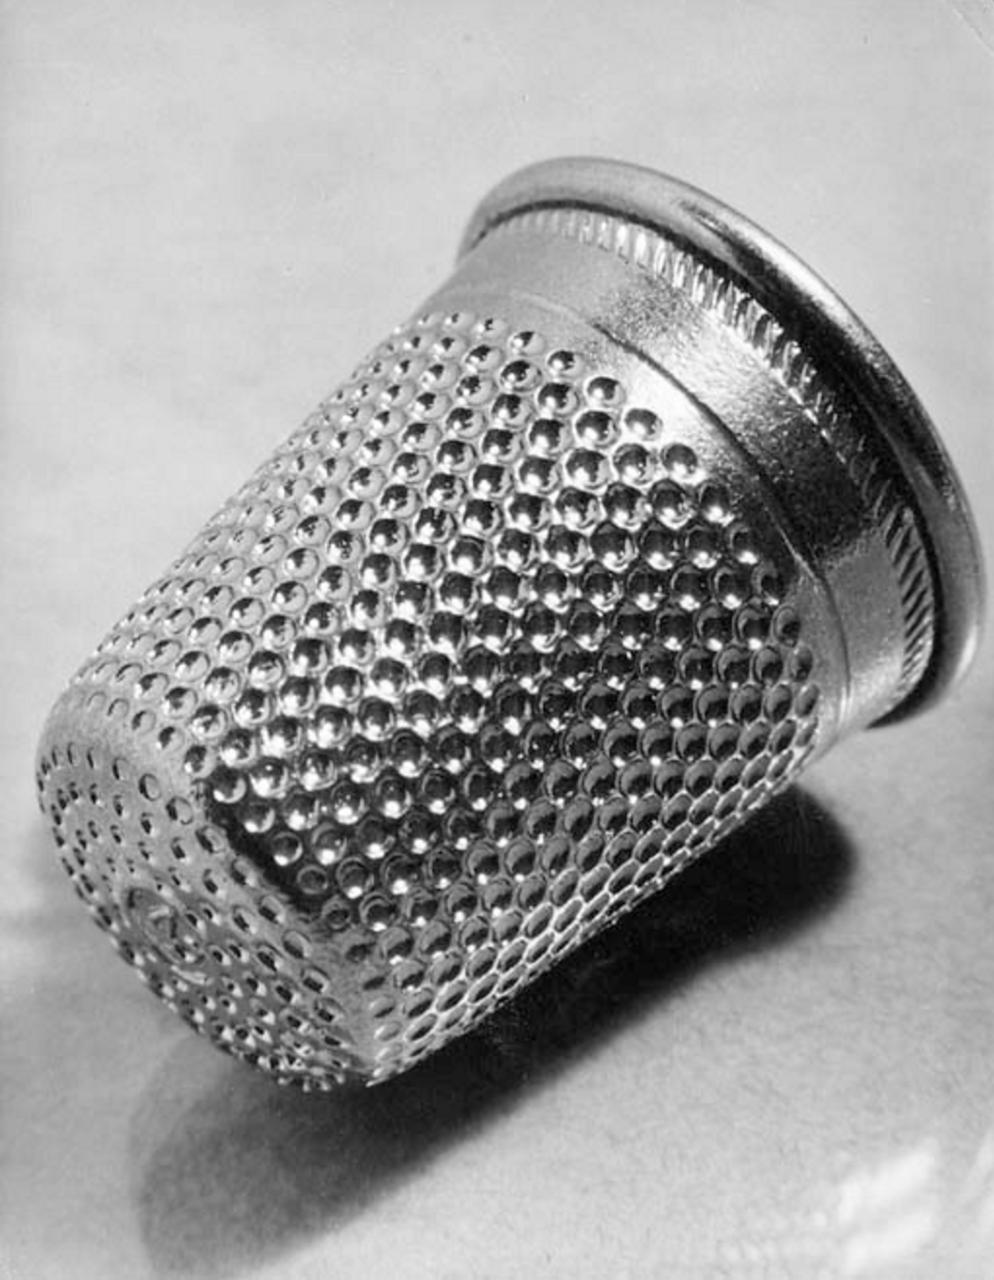 1930. Увеличенный объект: наперсток